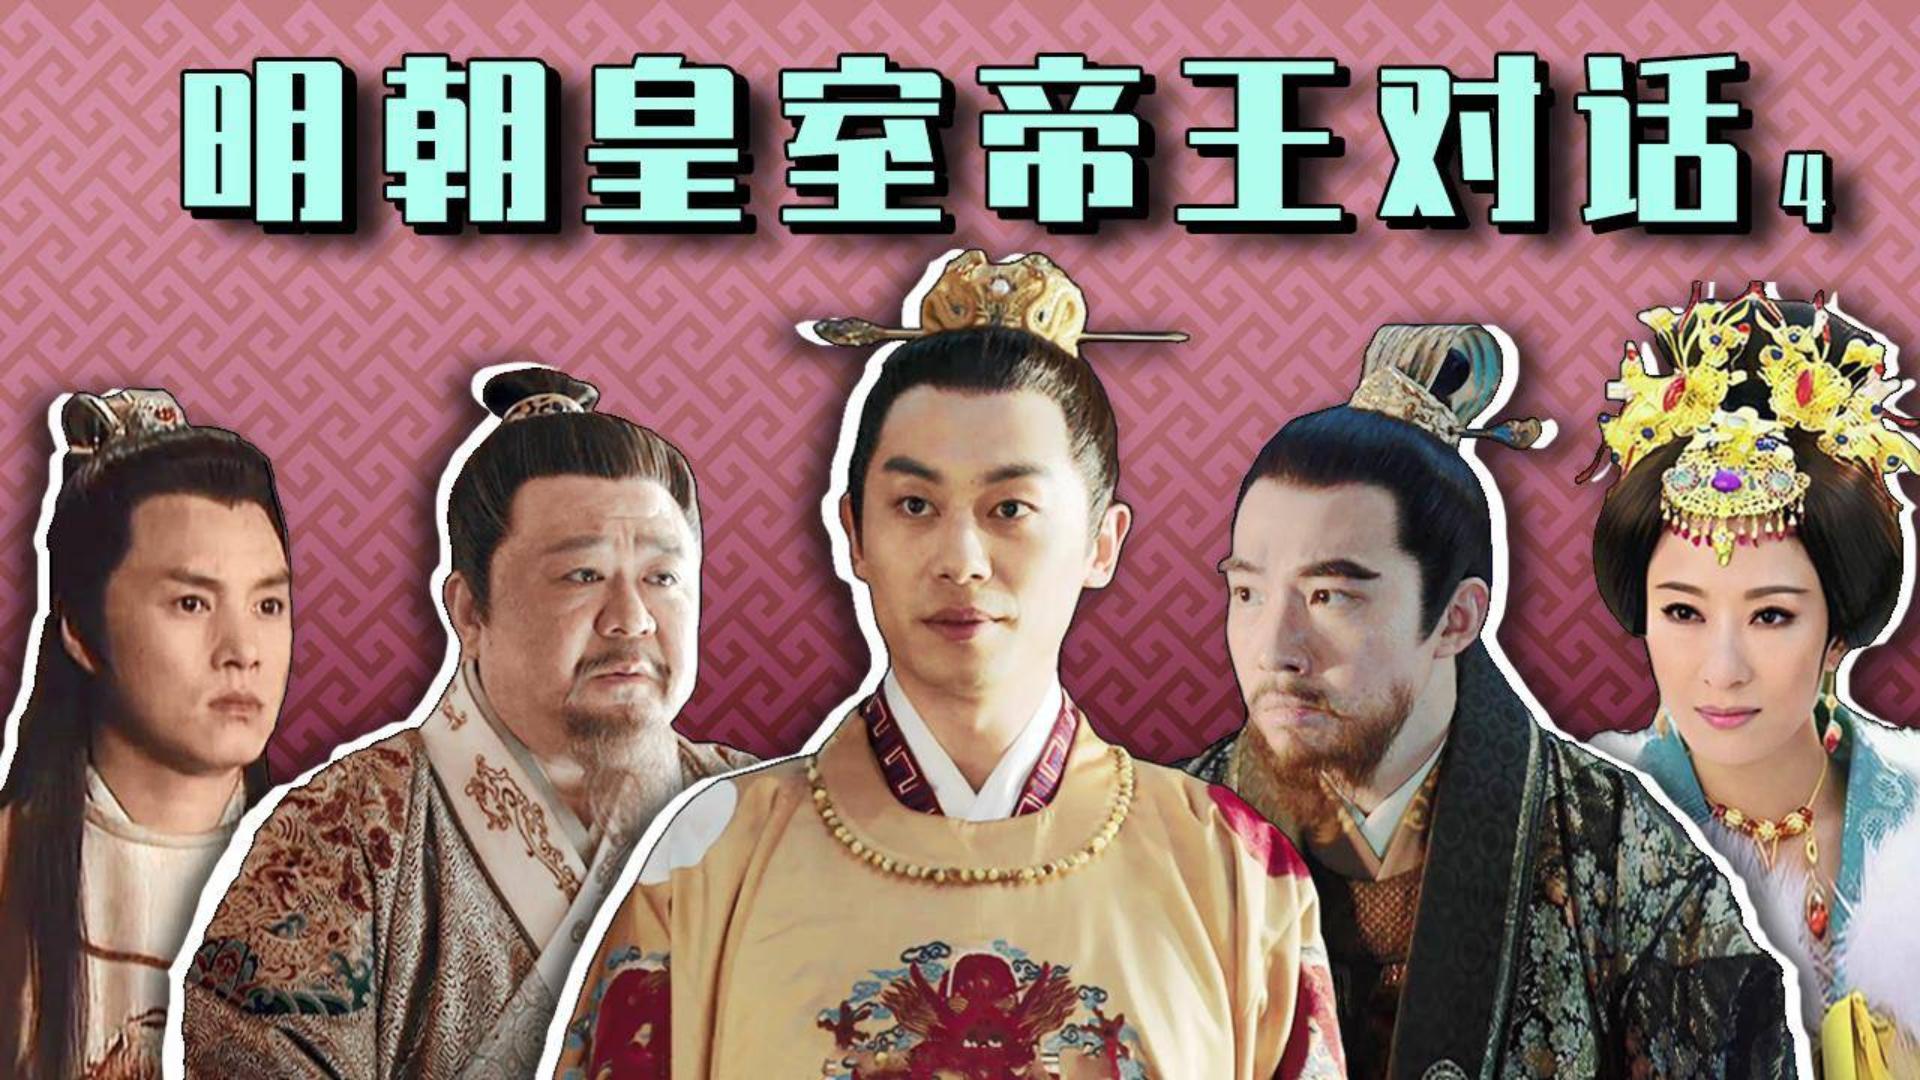 明朝皇室帝王对话(4):一代妖妃万贞儿进群